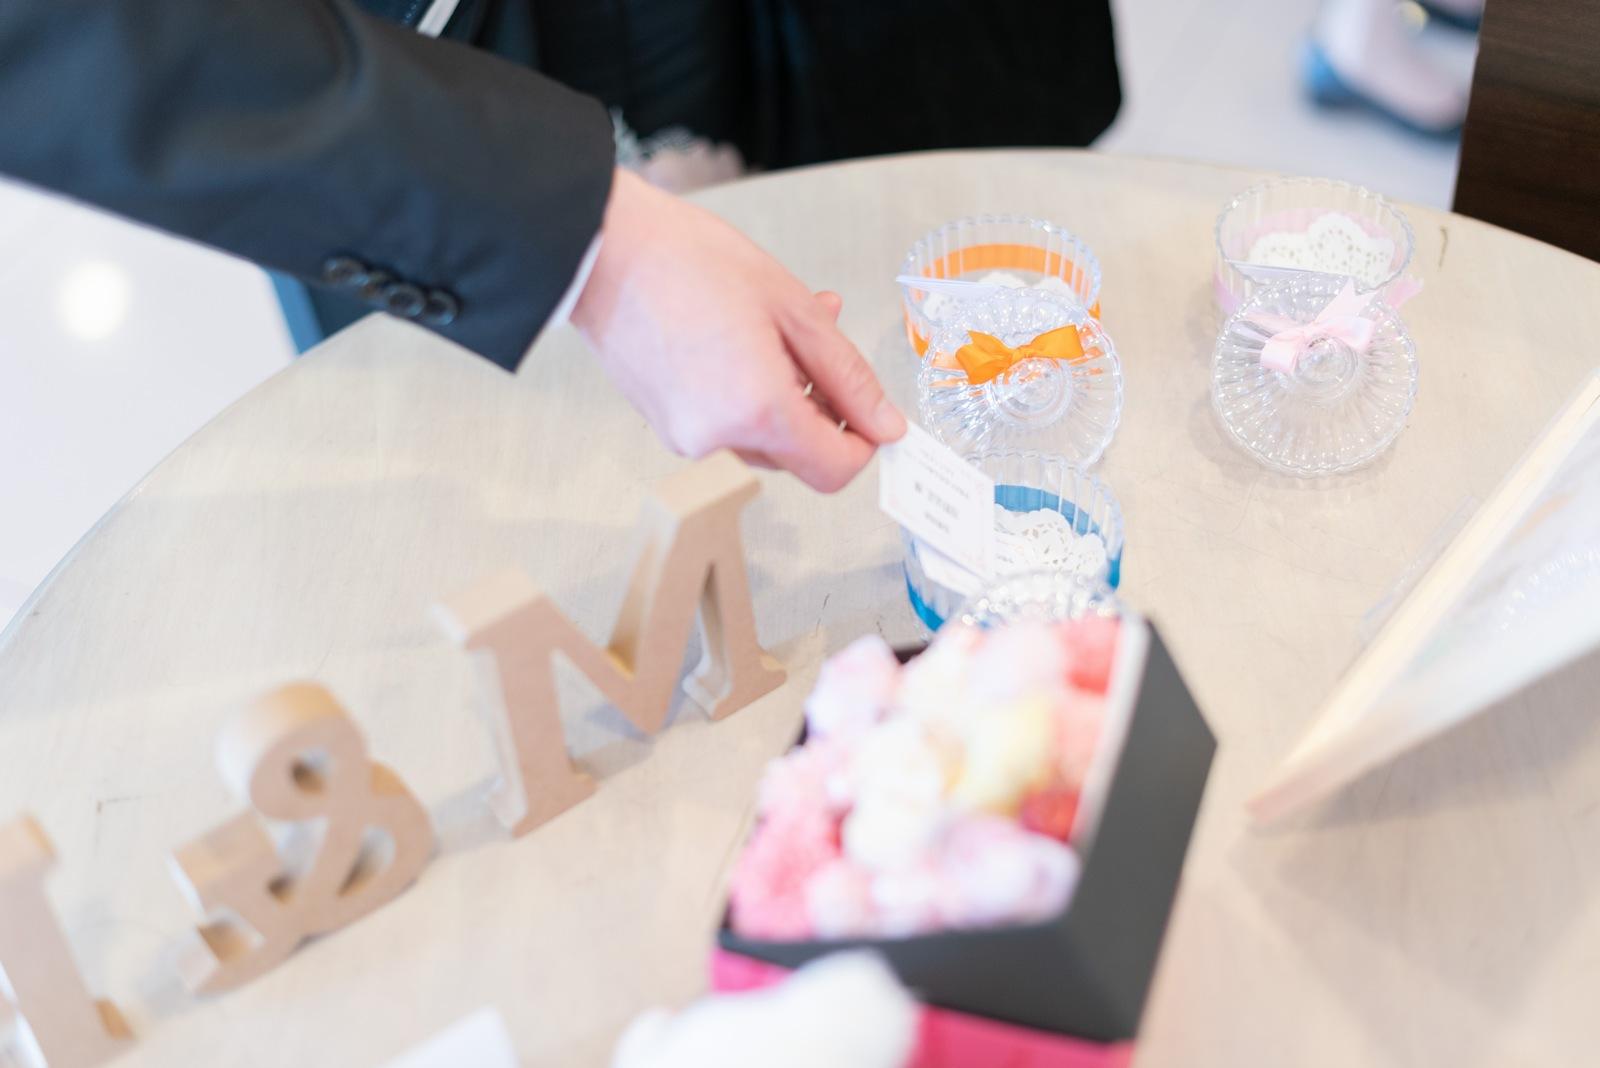 香川県の結婚式場のシェルエメール&アイスタイル ドレス色当てクイズ